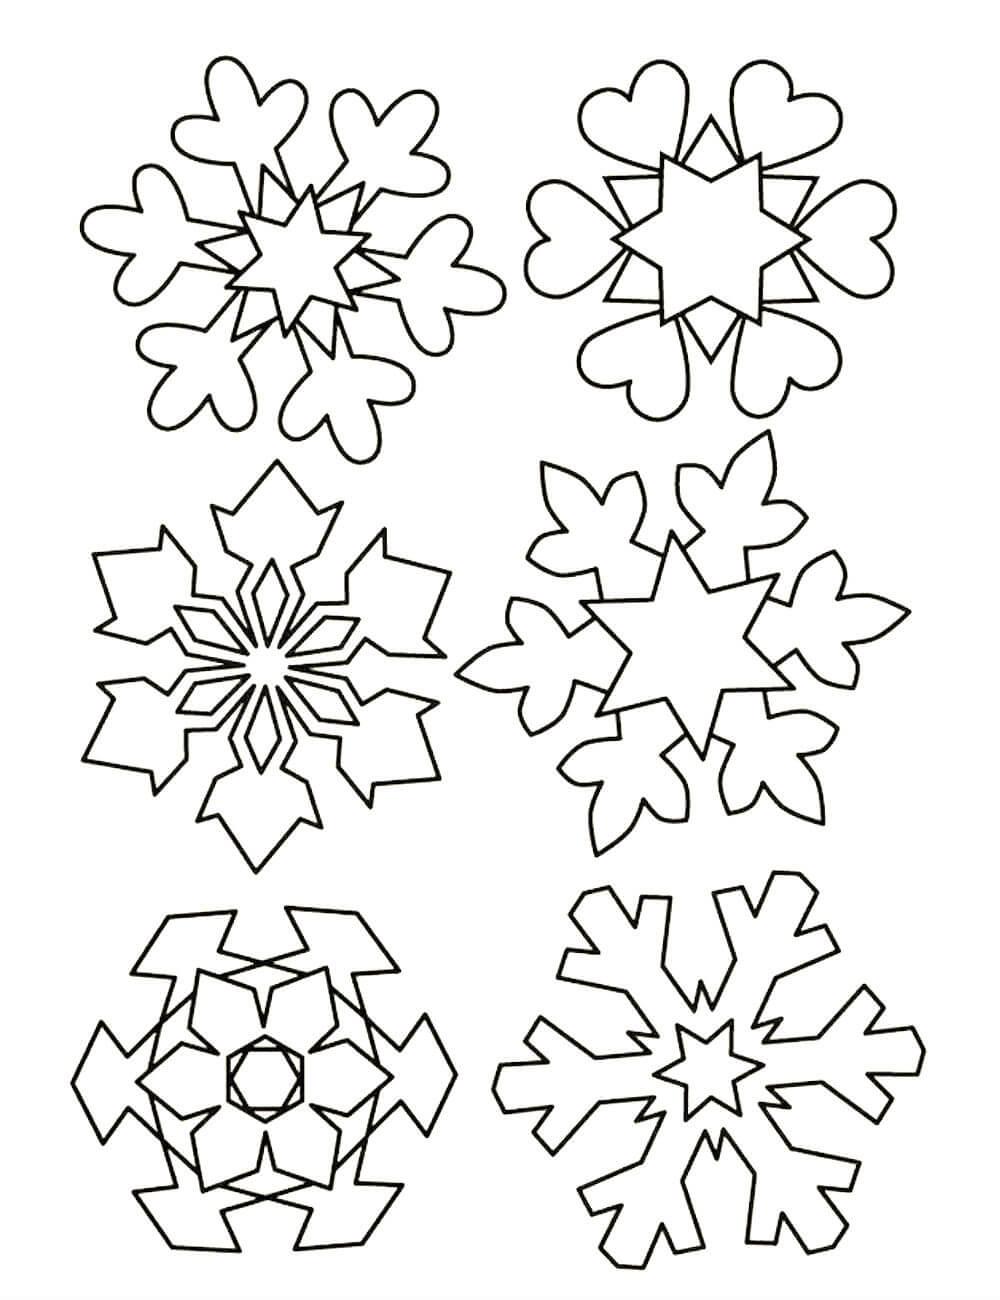 Снежинки картинки для вырезания распечатать